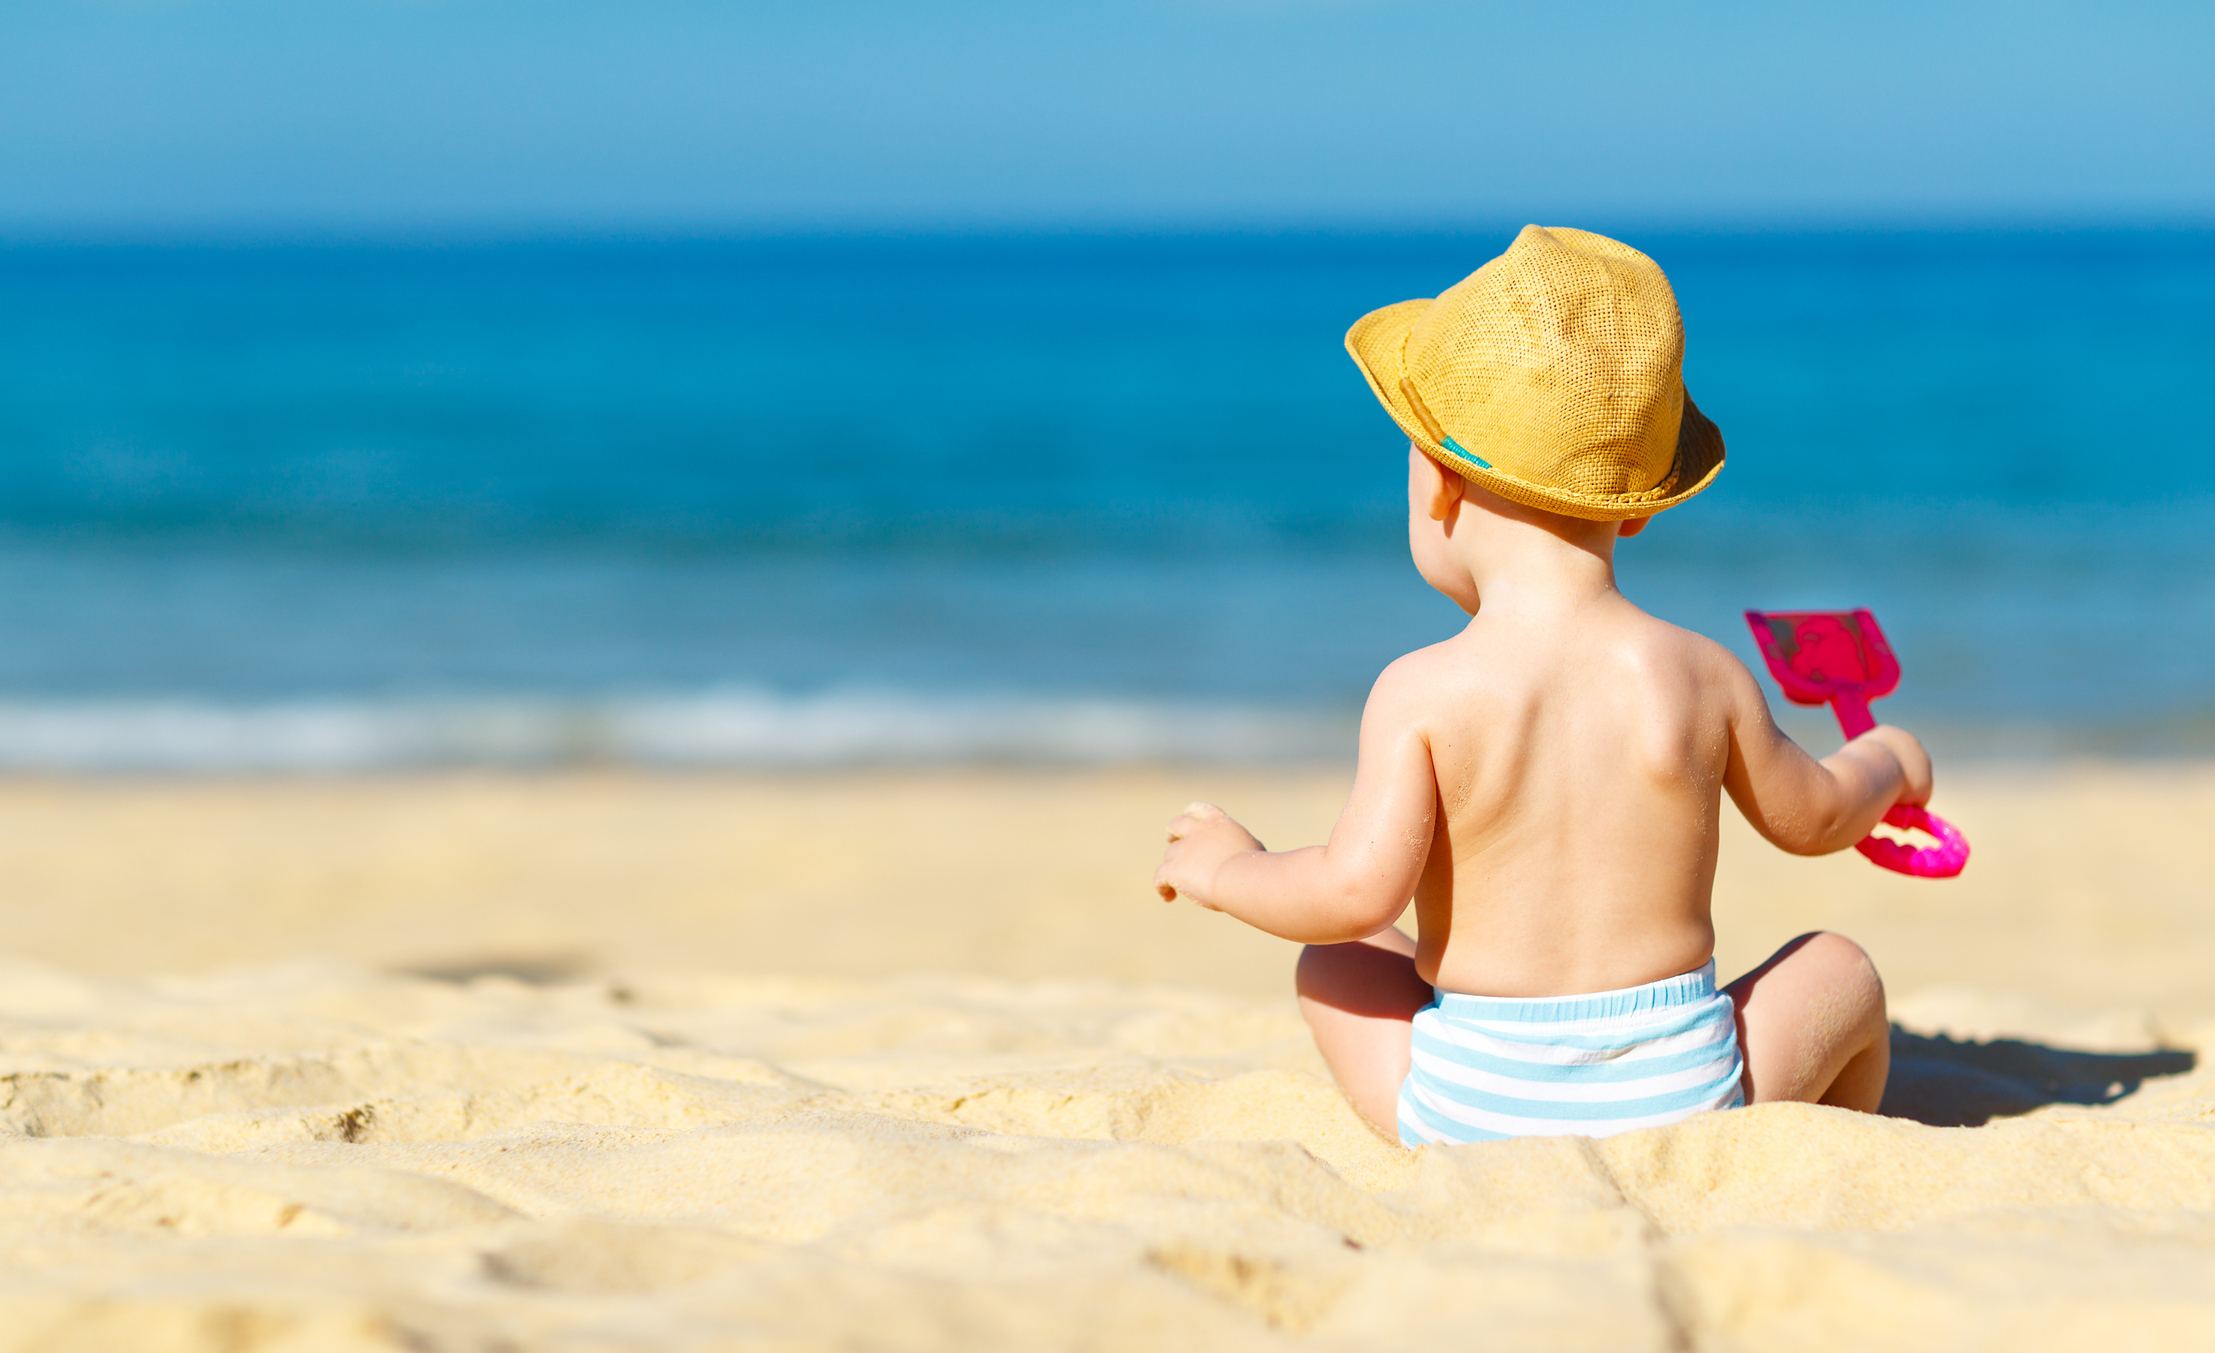 Com a chegada das férias, as praias tornam-se opções convidativas para os pais apresentarem aos filhos recém-nascidos os encantos do litoral brasileiro.